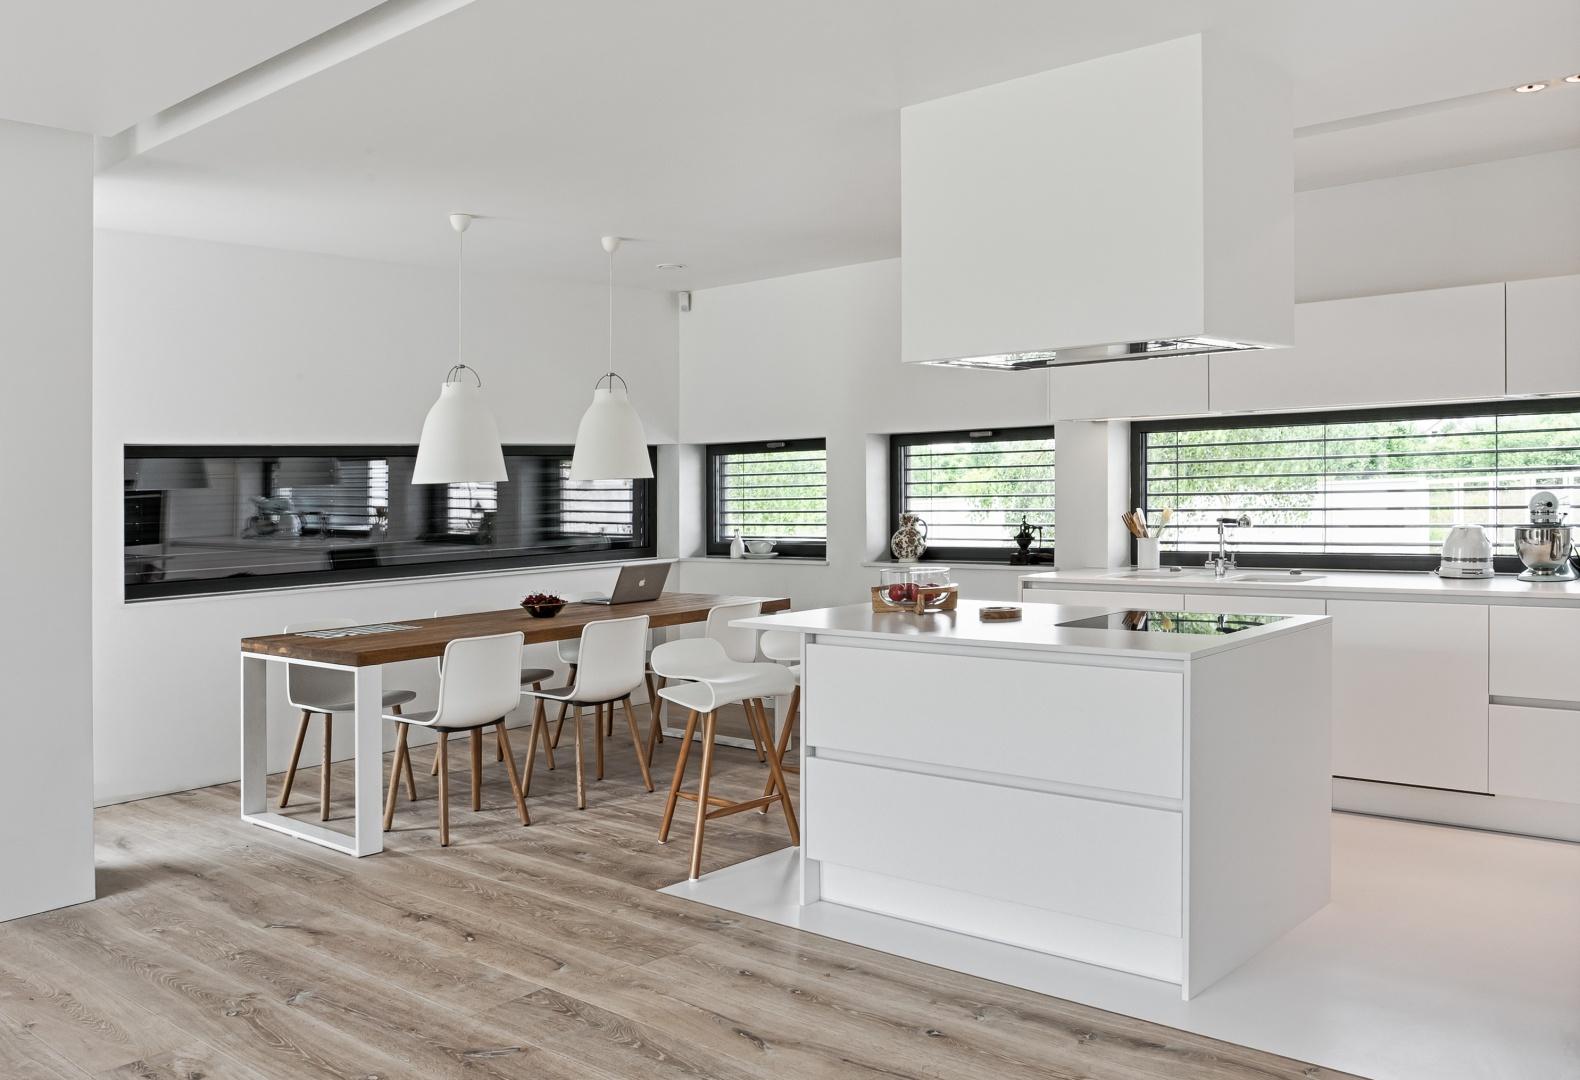 Nowoczesna biała kuchnia, Biała kuchnia ocieplona   -> Kuchnia Biala Ocieplona Drewnem